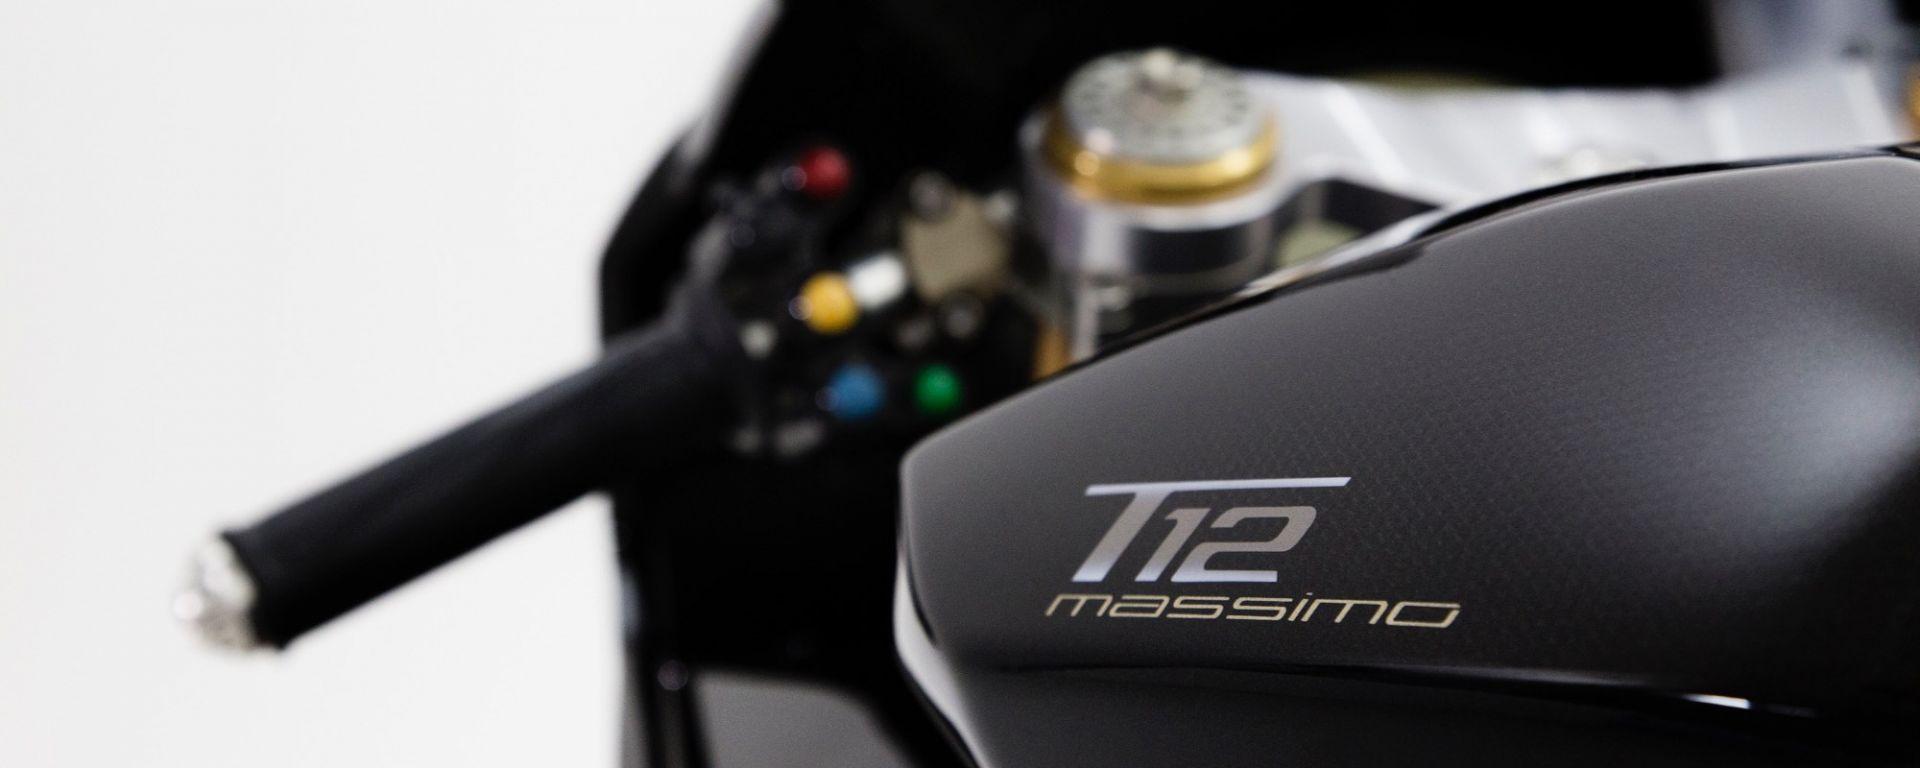 Tamburini T12 Massimo, l'ultimo capolavoro